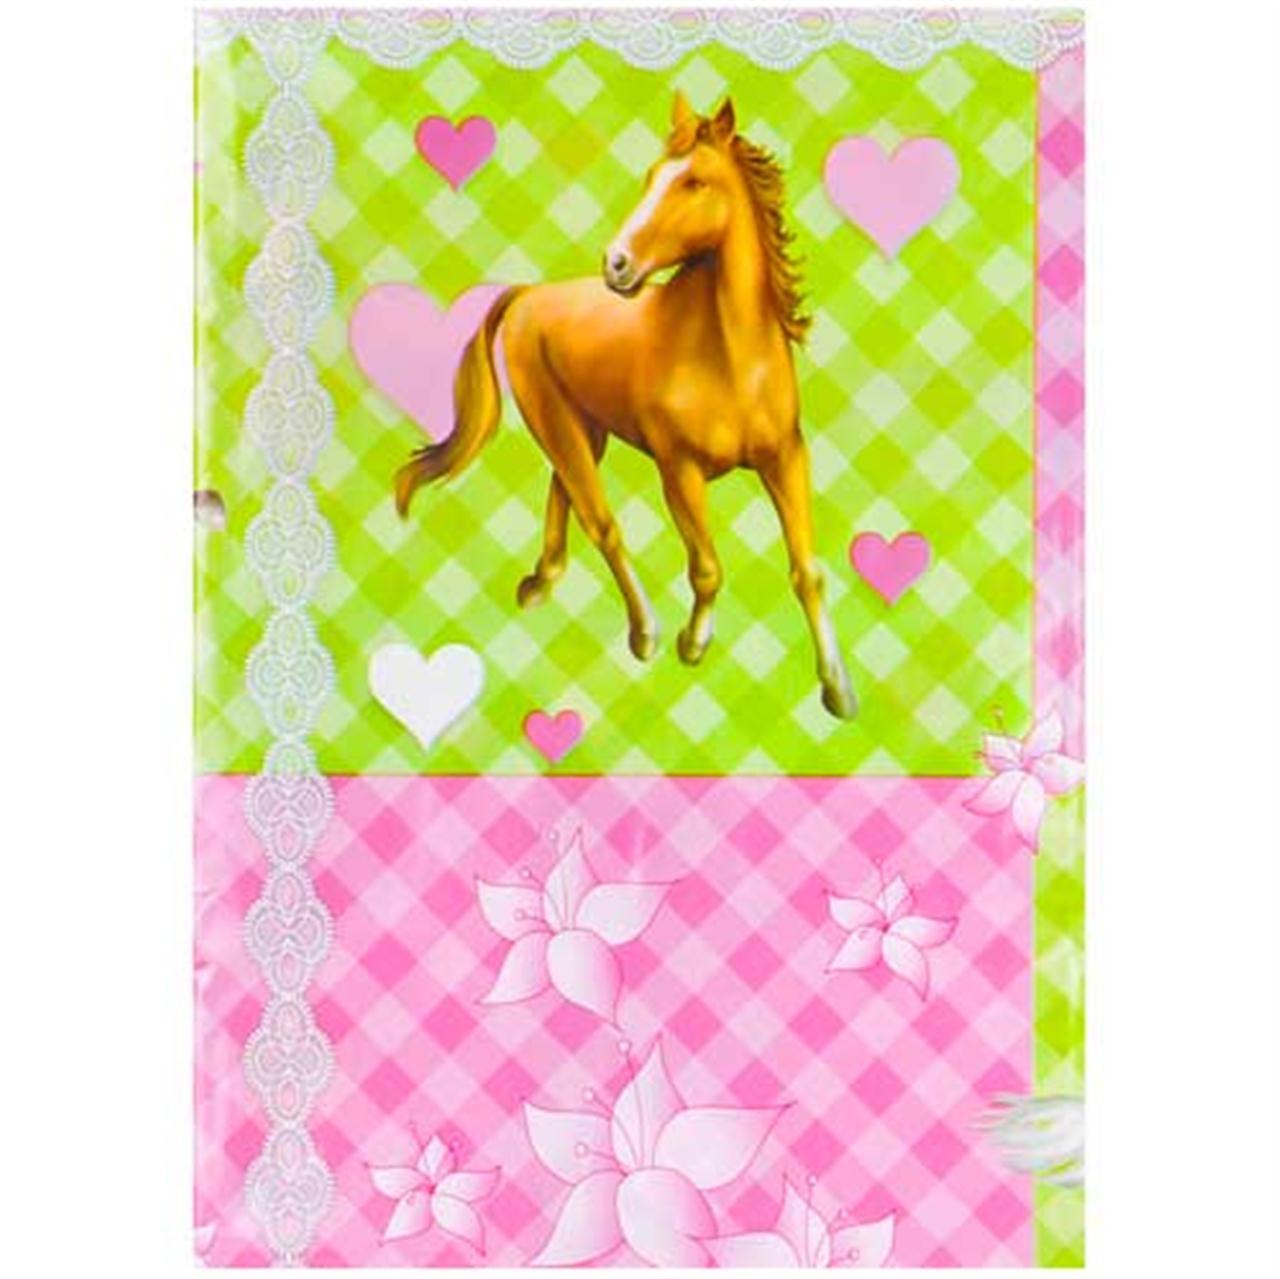 Feest tafelkleed met paarden